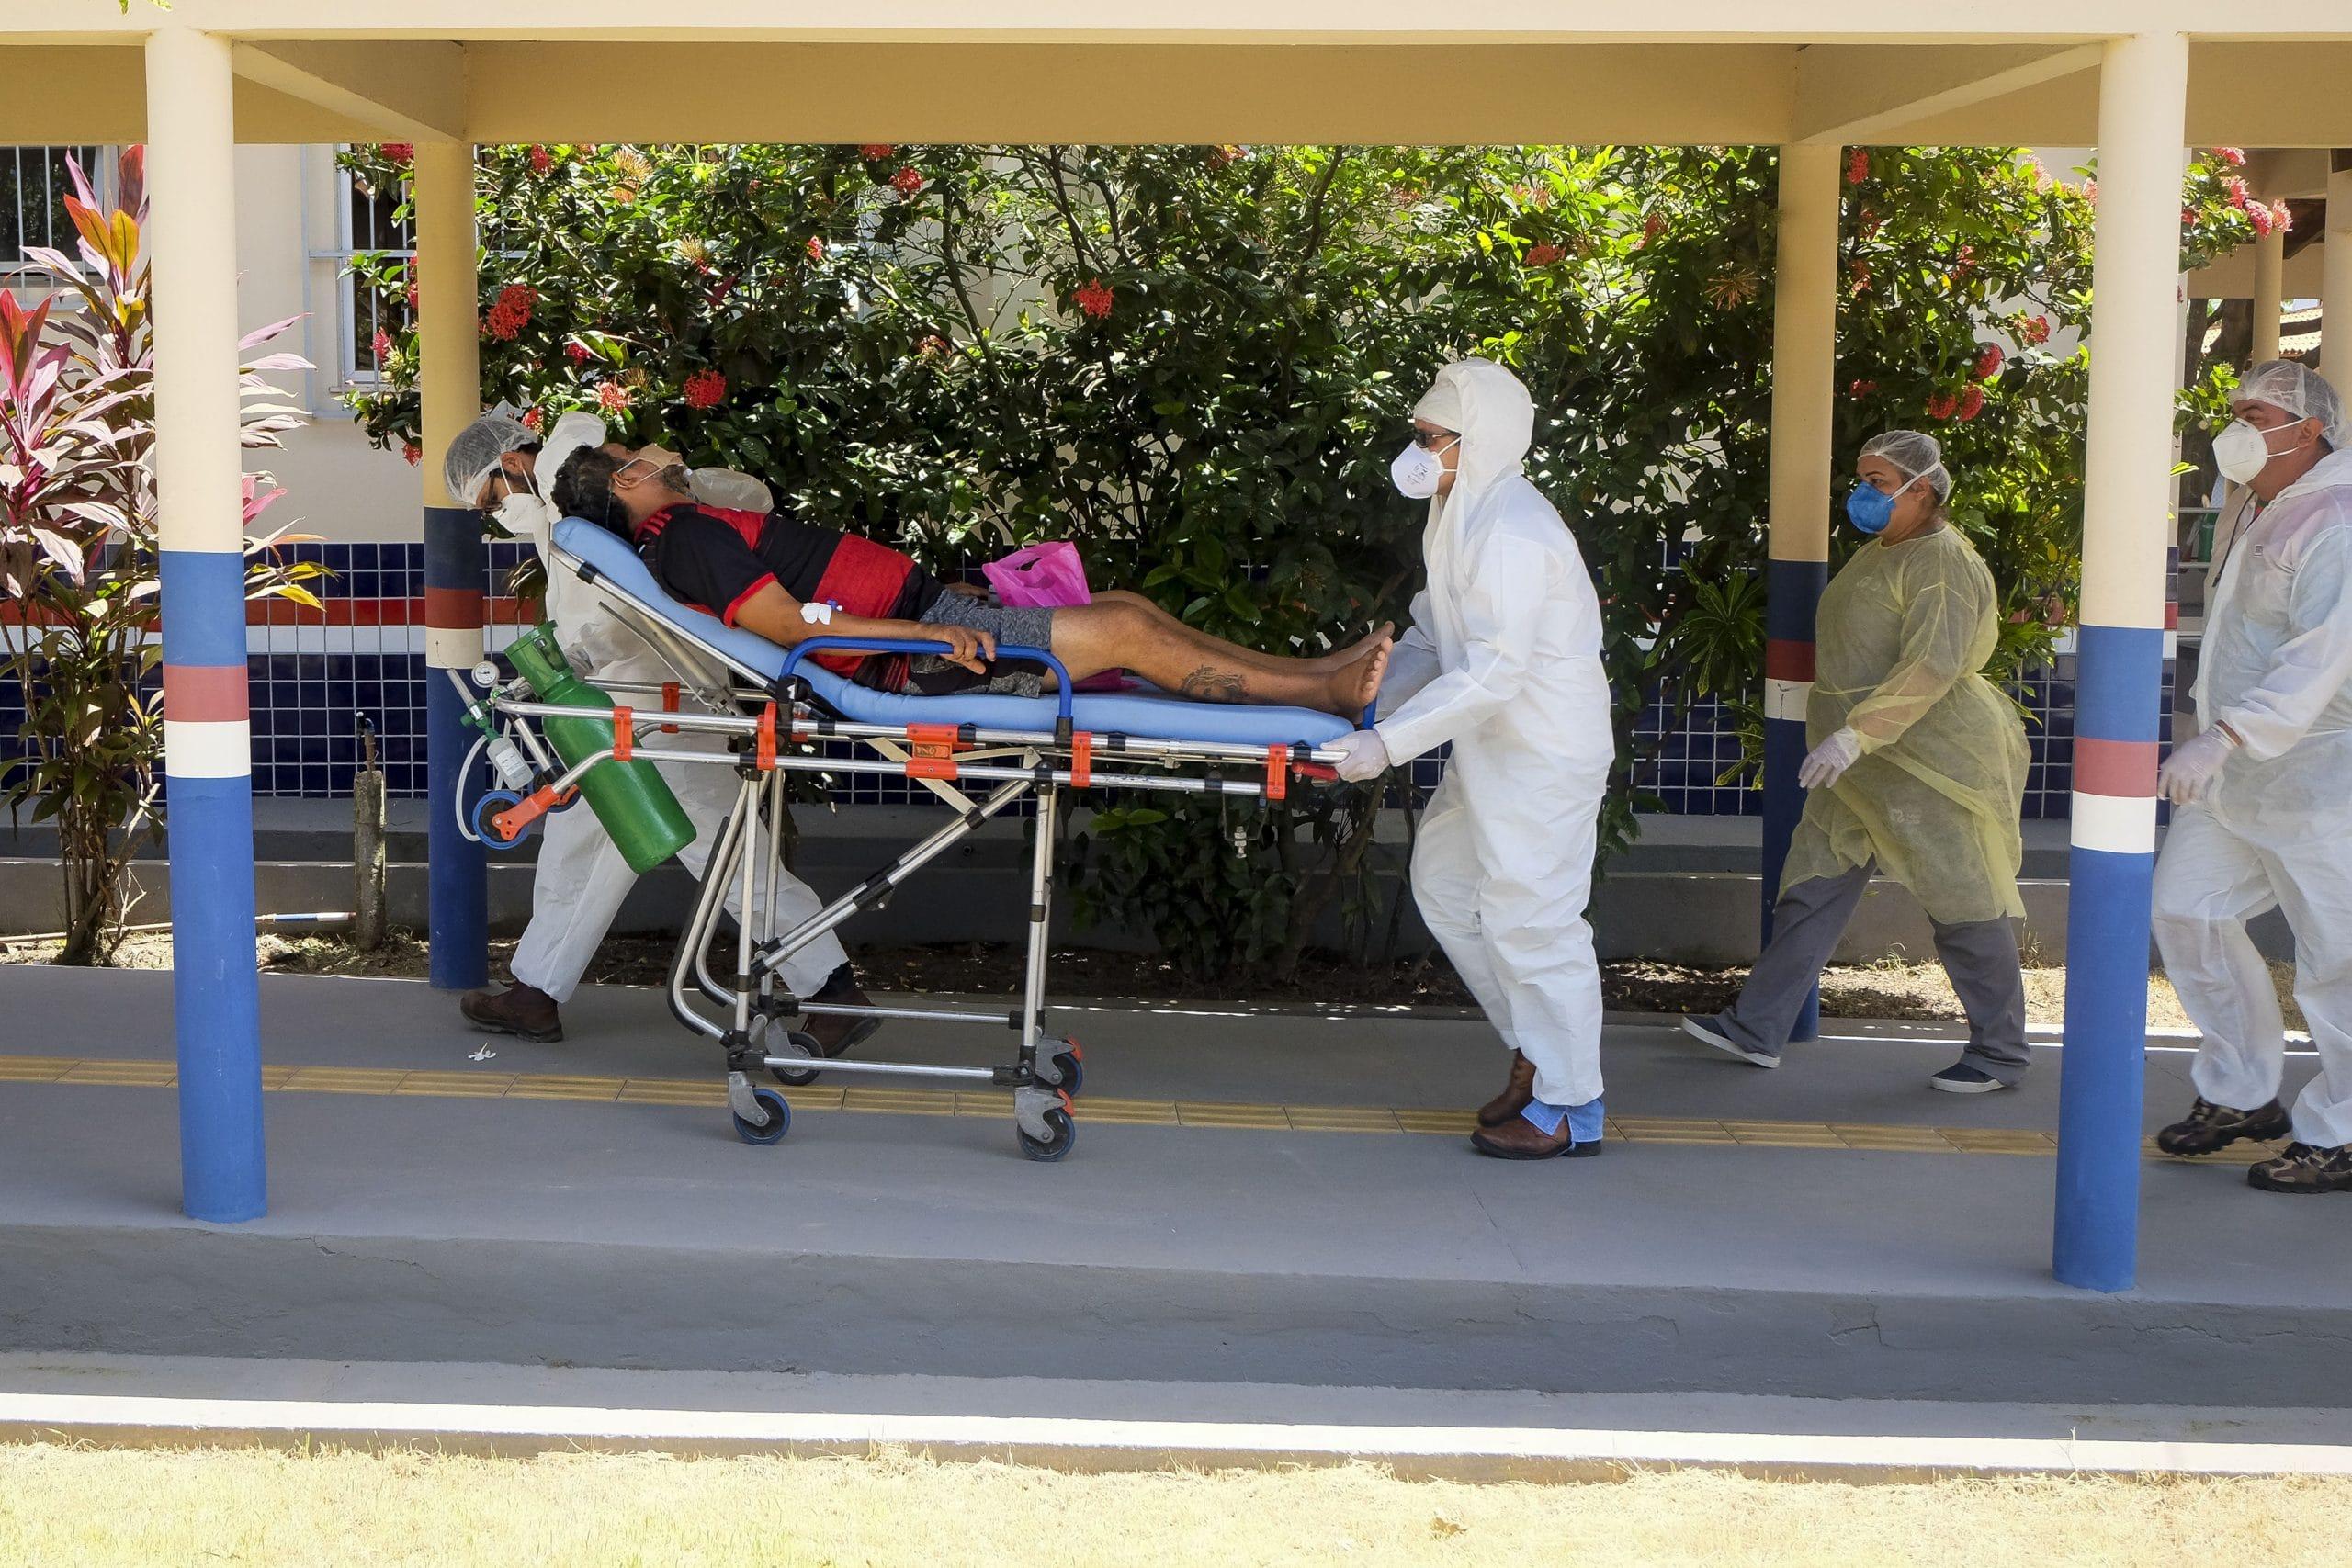 Dois profissionais da saúde carregam um paciente em uma maca. Eles usam mascaras e roupas de proteção brancas. O paciente é um homem, usa bermuda e camisa do flamengo.